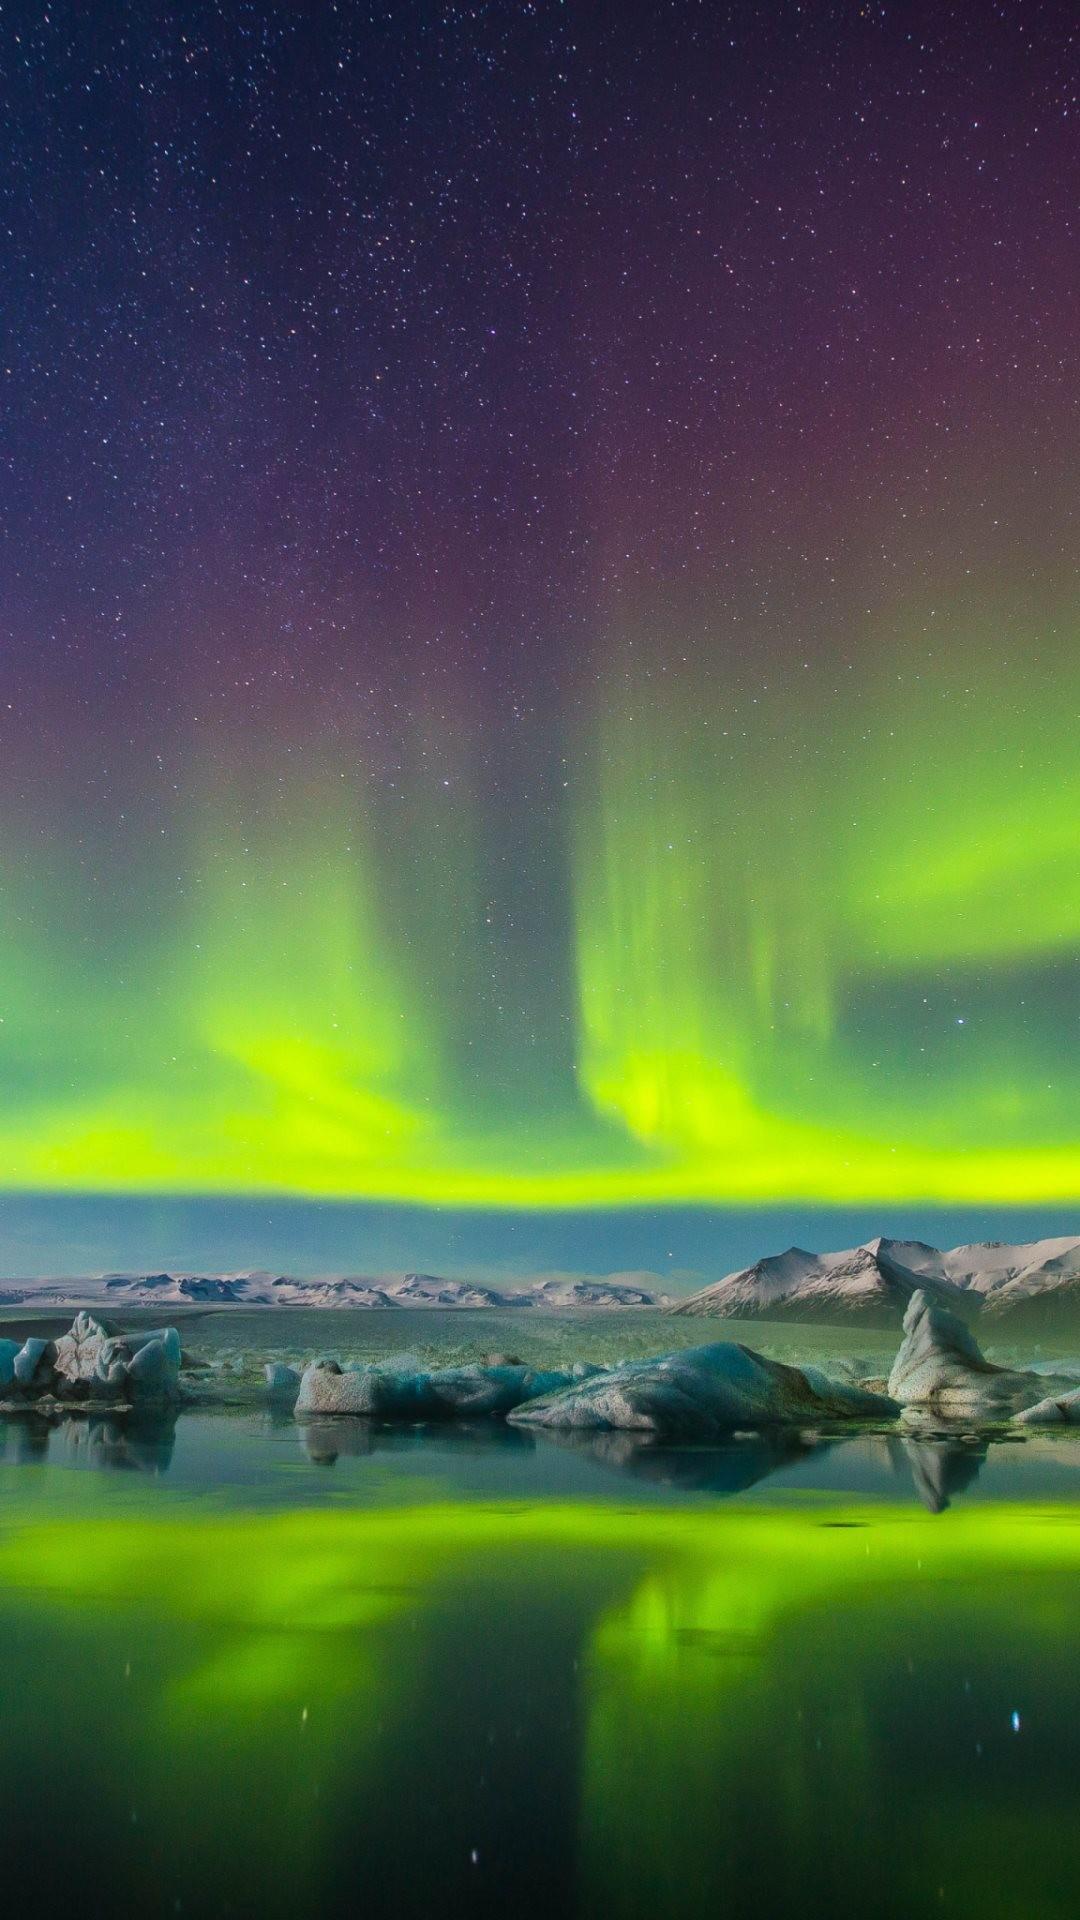 Aurora Borealis Background (66+ images)